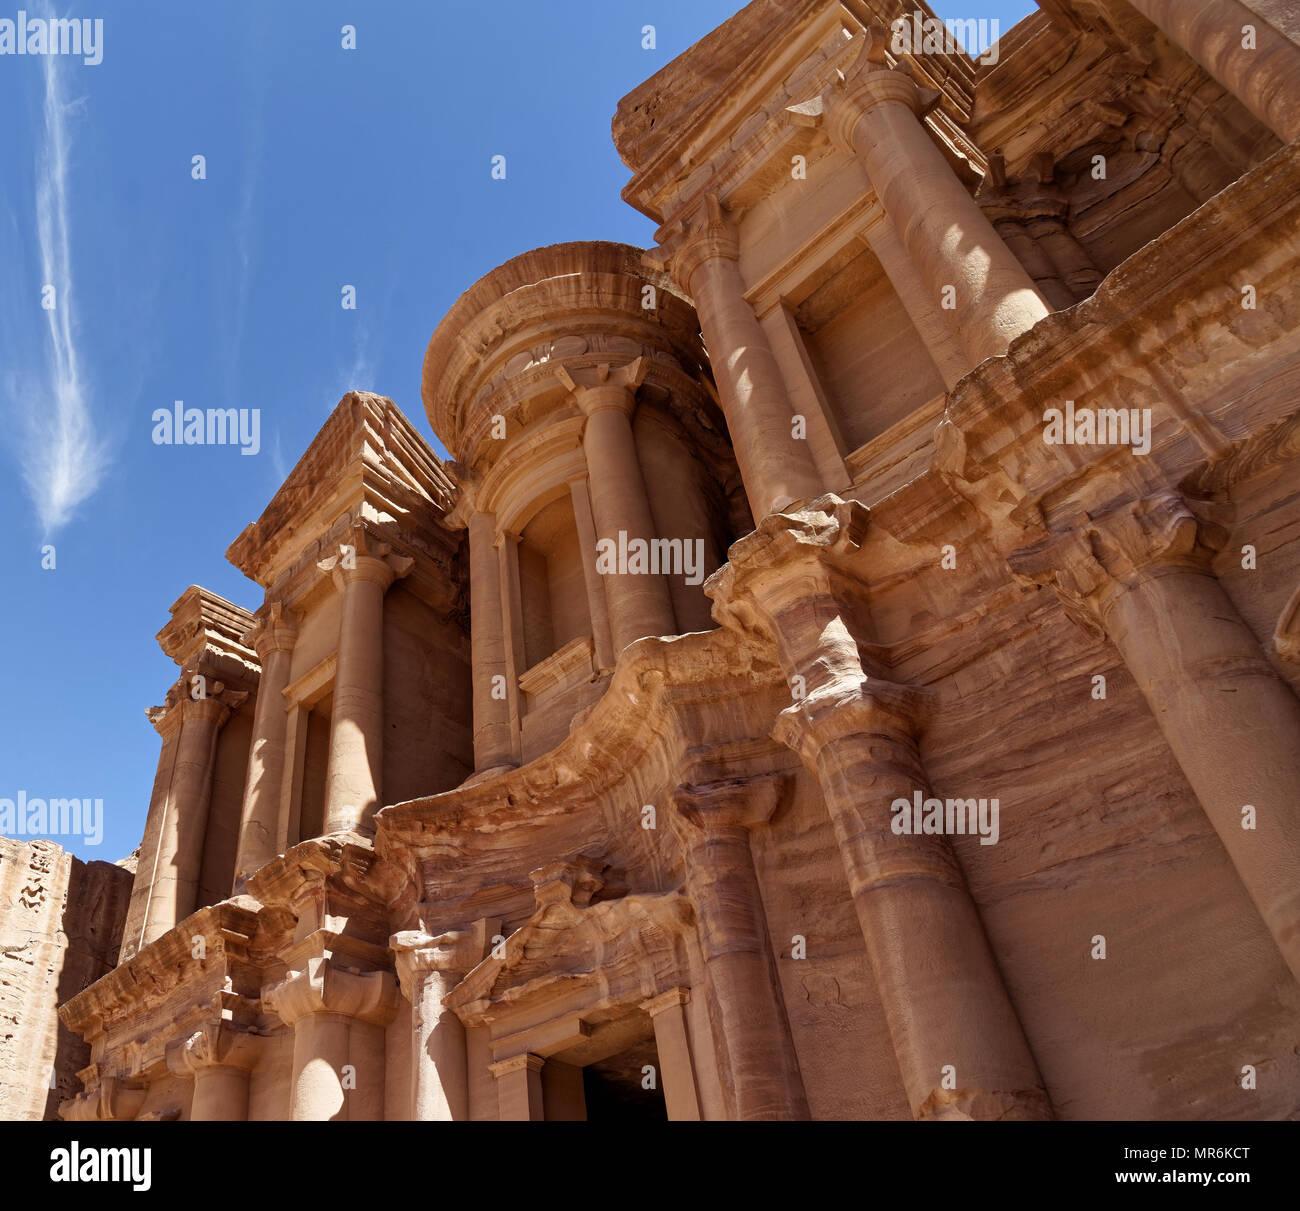 Foto in einem schrägen Winkel eines Abschnitts Al-Deir, den sogenannten Kloster, in der Nekropole von Petra, Jordanien, Stockbild